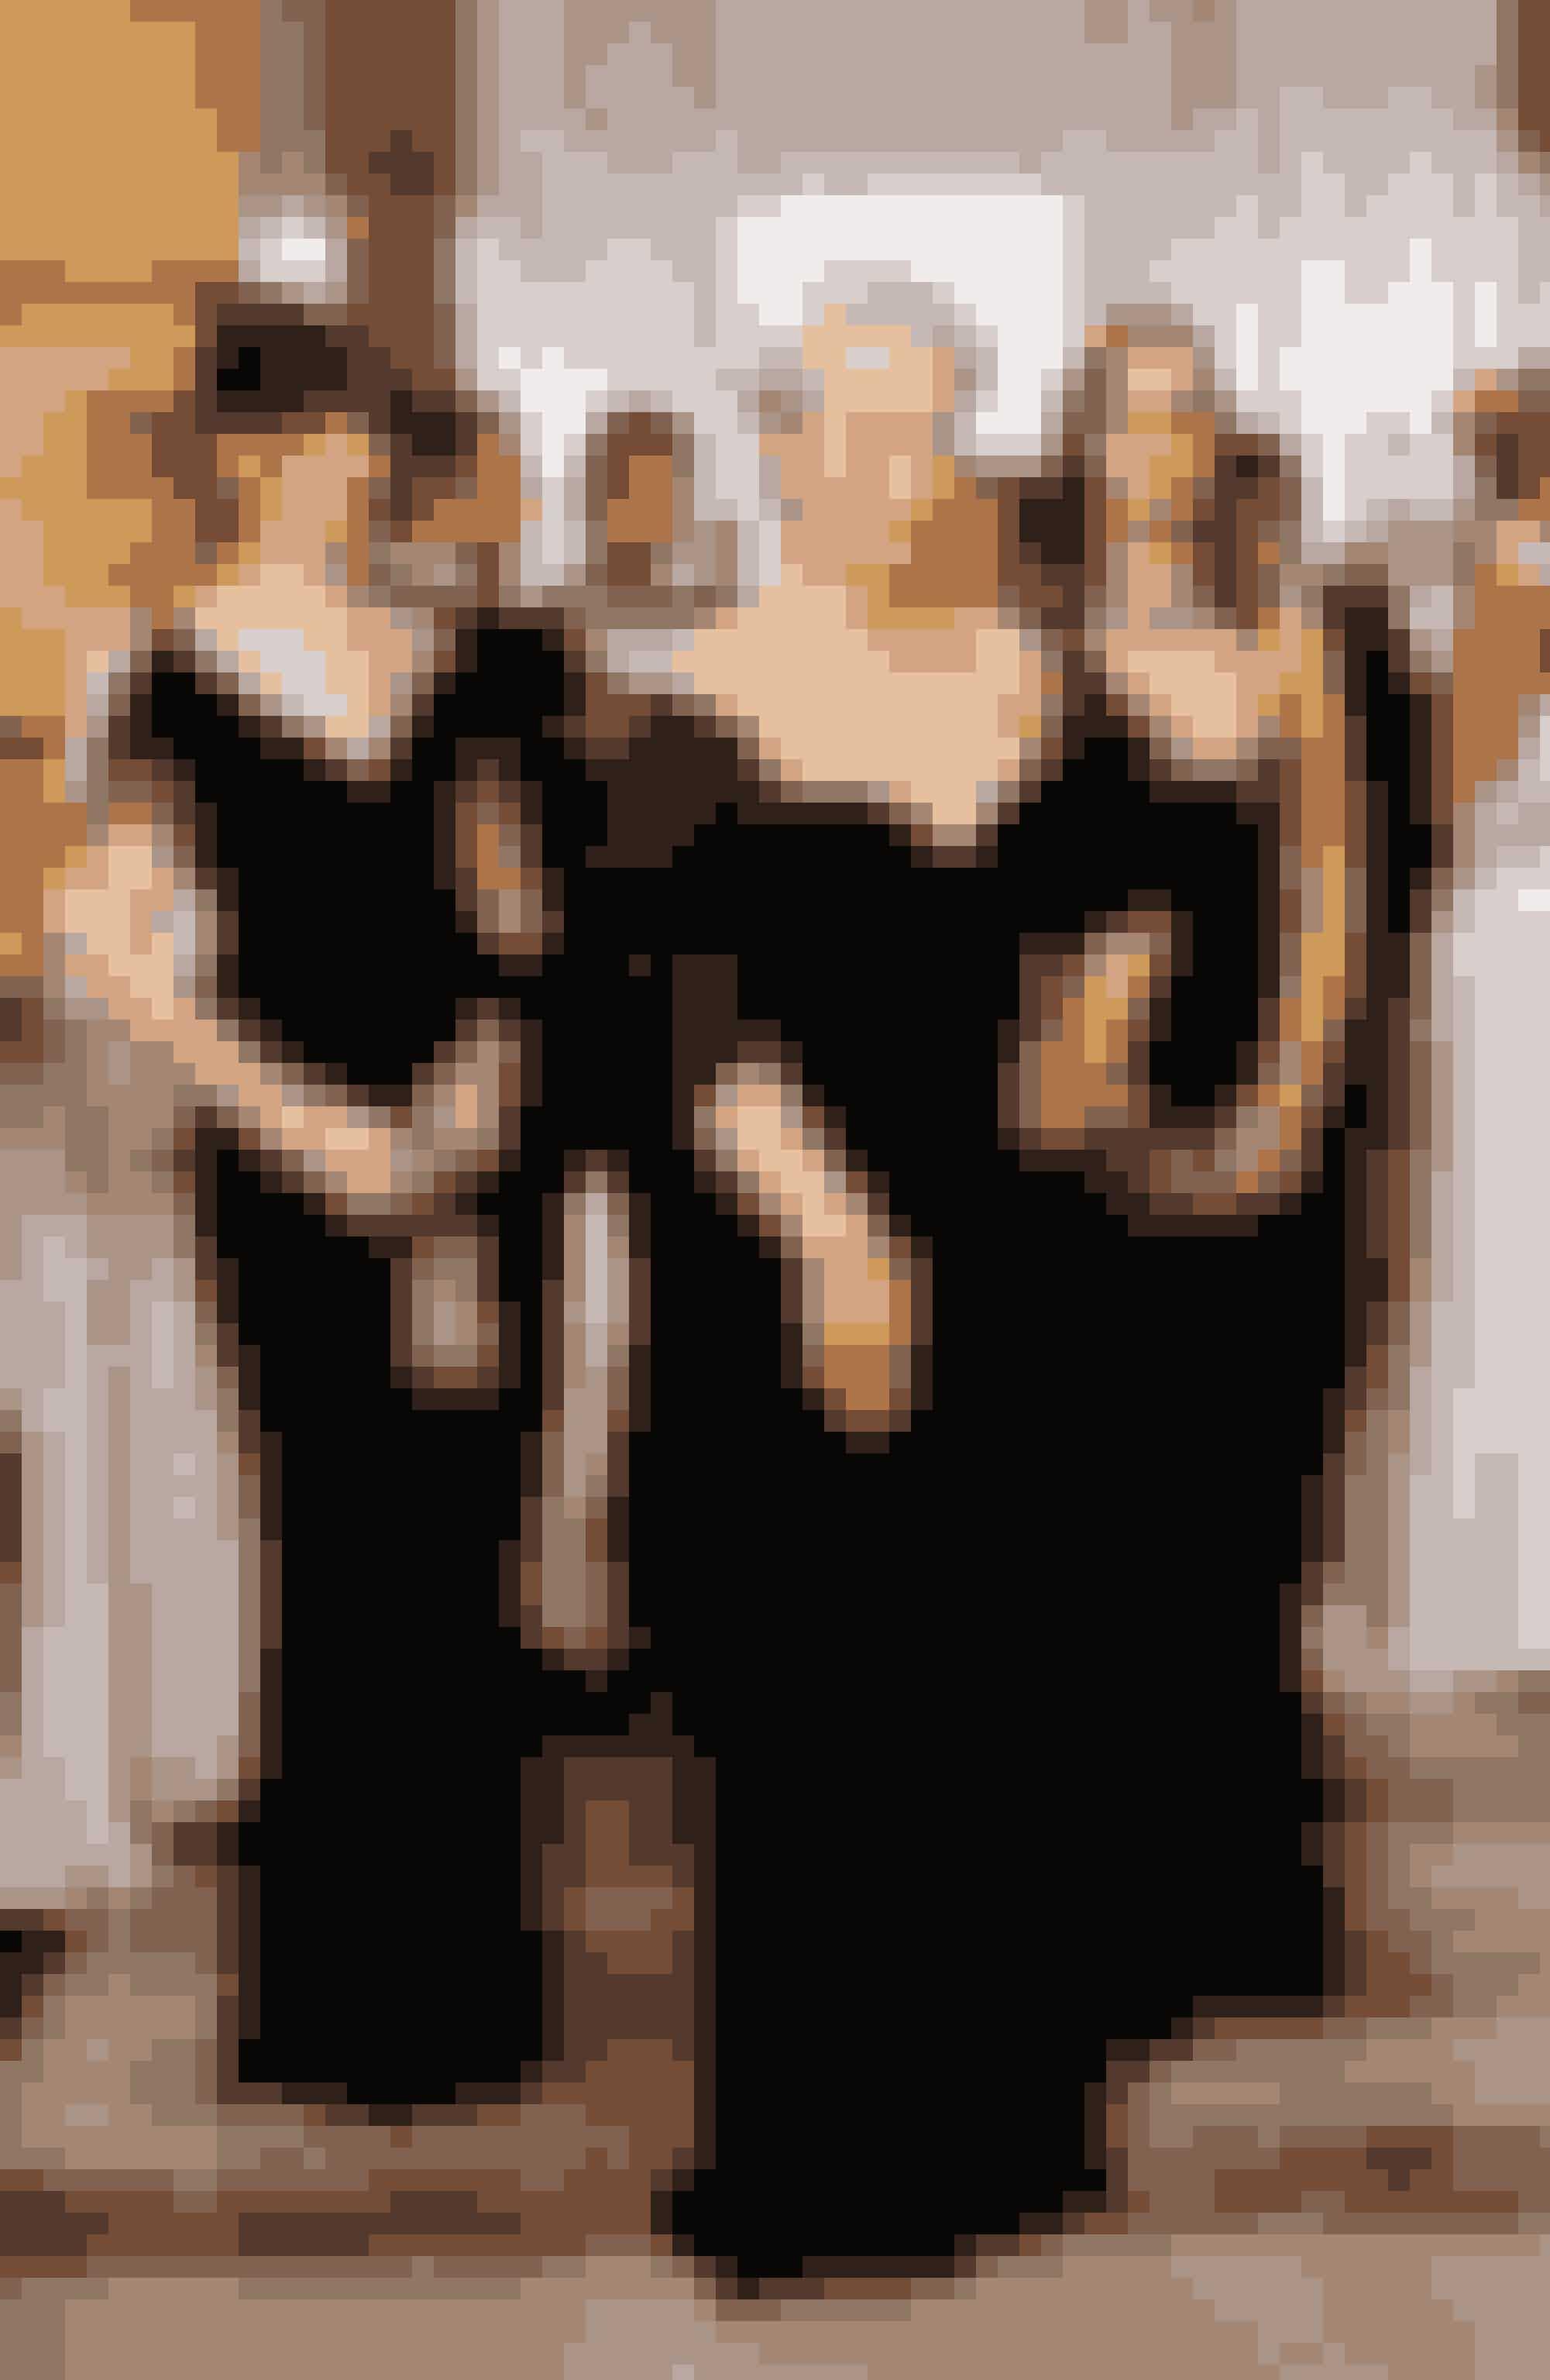 The Devil Wears Prada (2006)Anne Hathaway og Meryl Streep spiller med i denne kultfilm, som er en fiktiv fortælling omLauren Weisbergers egne oplevelser som assistent til chefredaktøren på et af verdens største modemagasiner (som eftersigende skulle være Vogue). Her er der garanti for underholdning og fantastisk mode fra de største designhuse.